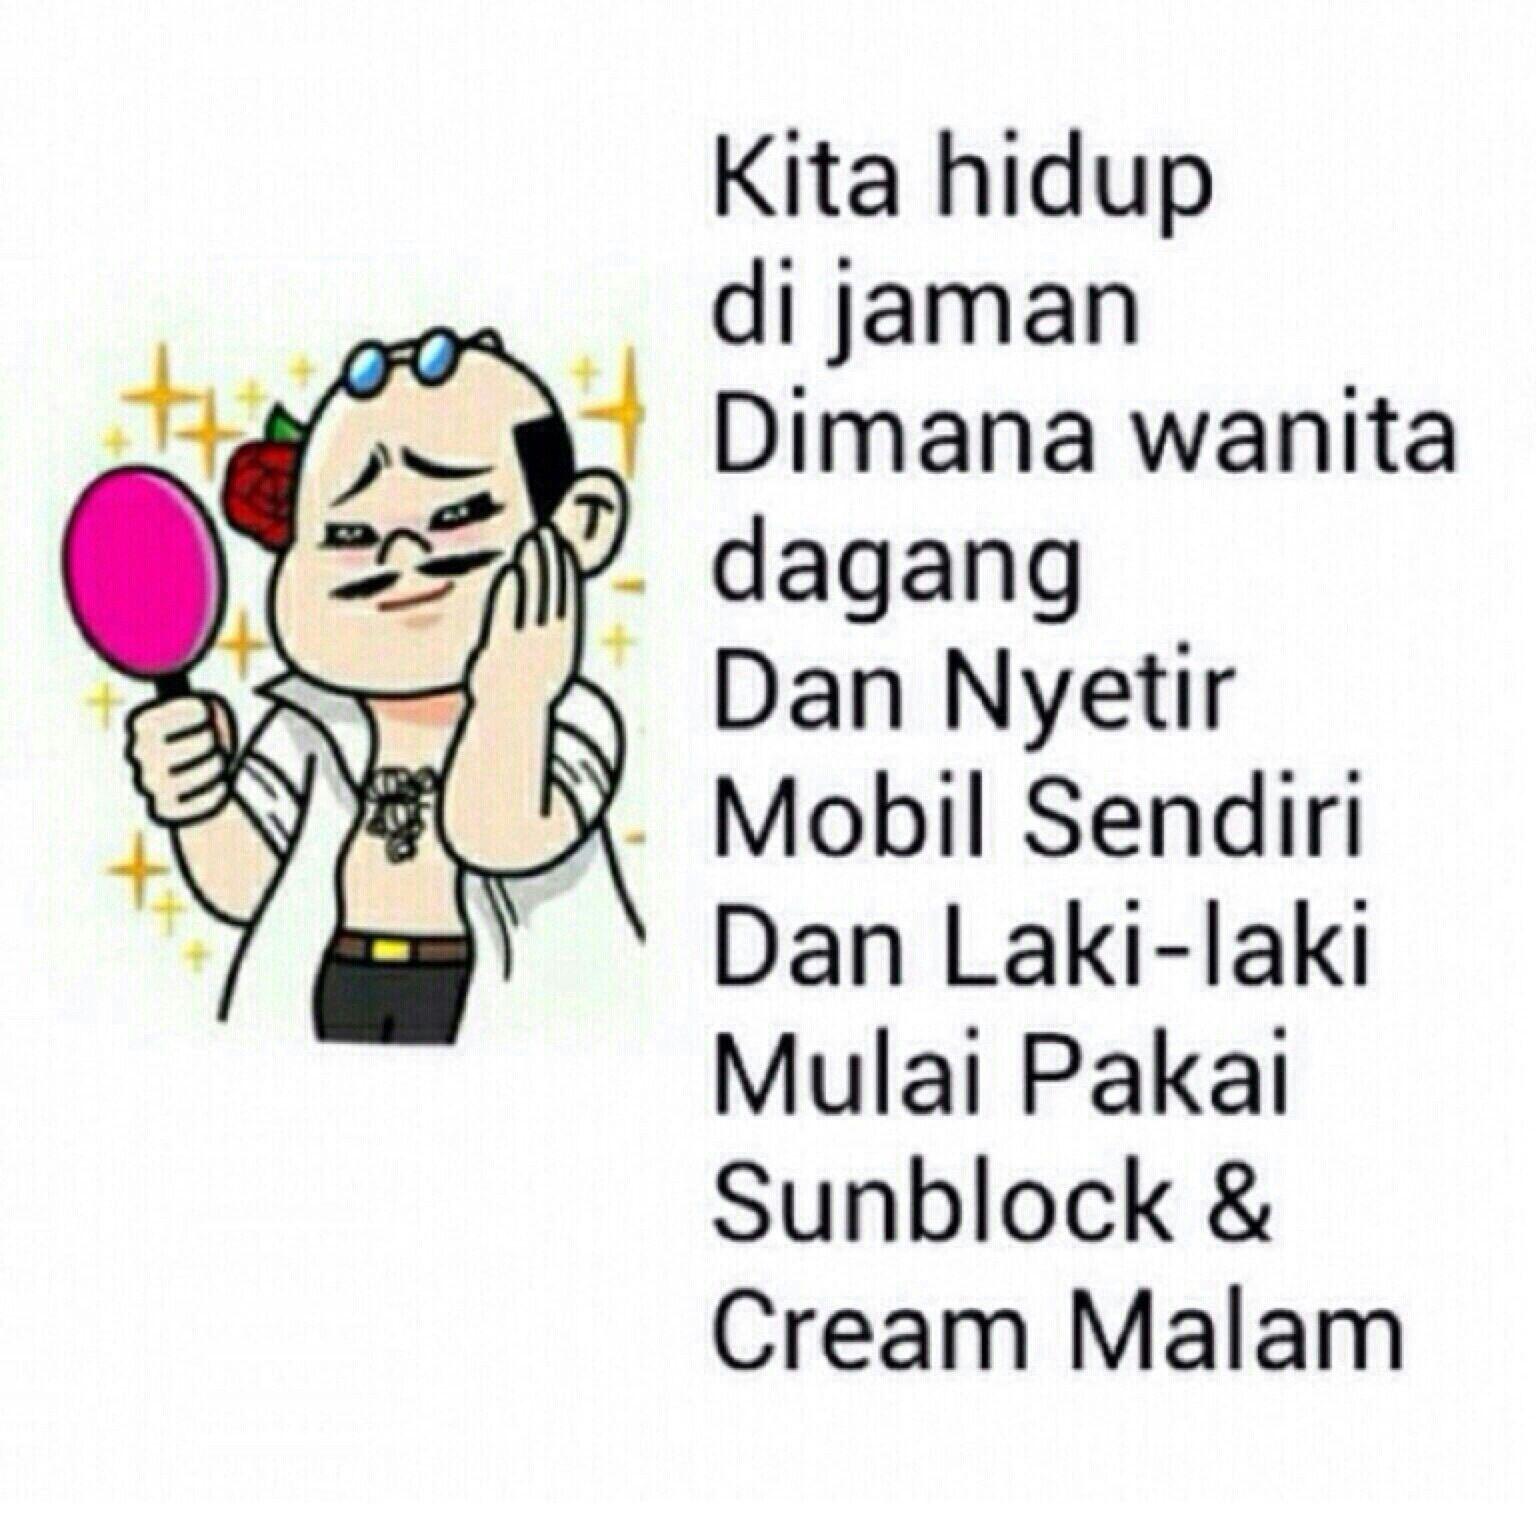 Pin Di Jokes